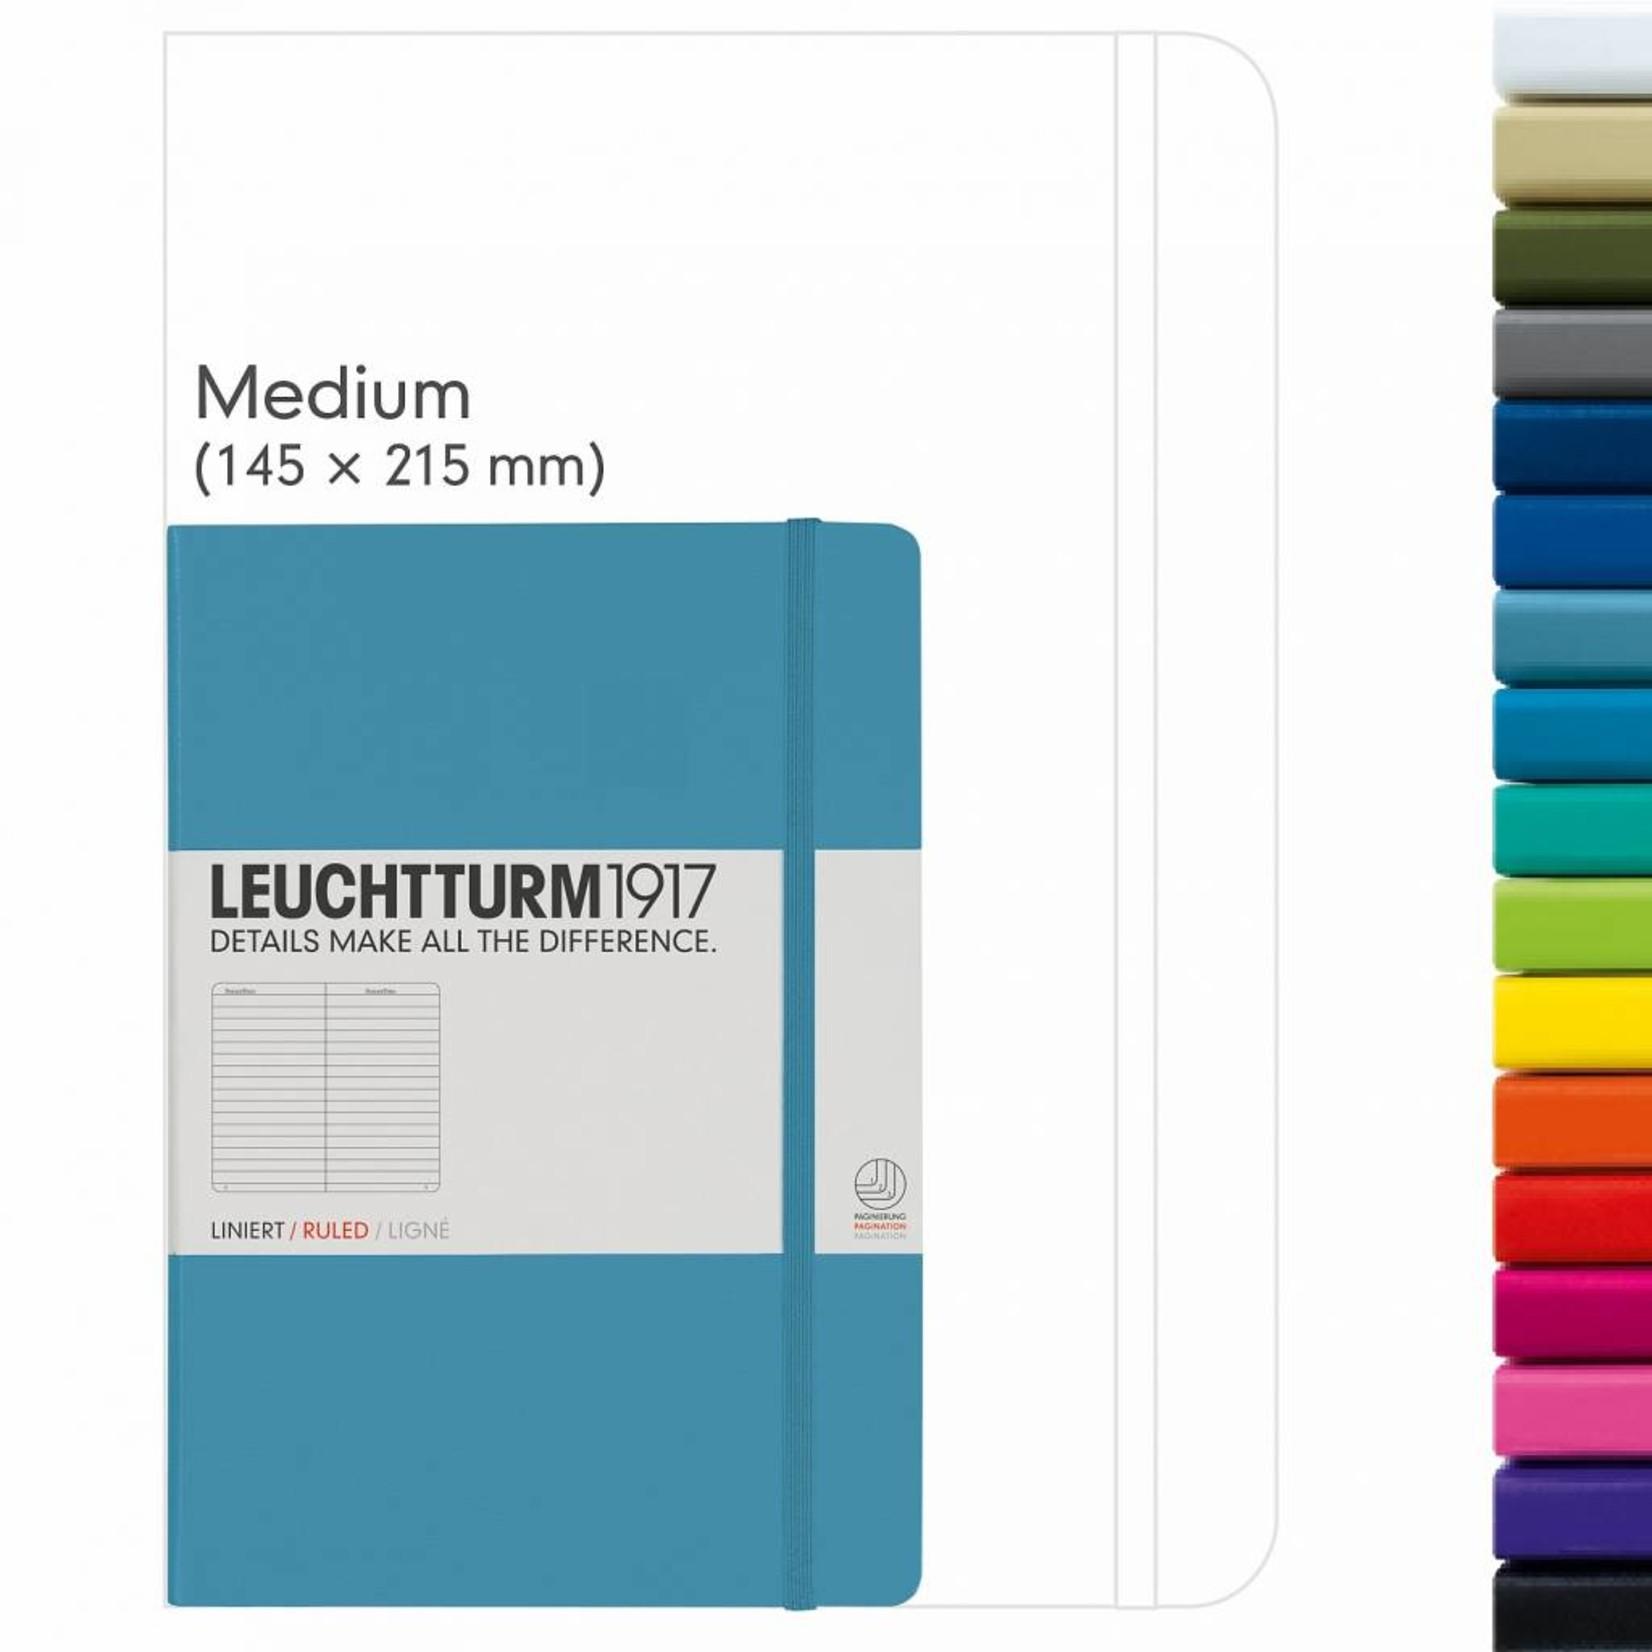 Leuchtturm1917 LT Notizbuch A5 MEDIUM HC Fresh Green Liniert